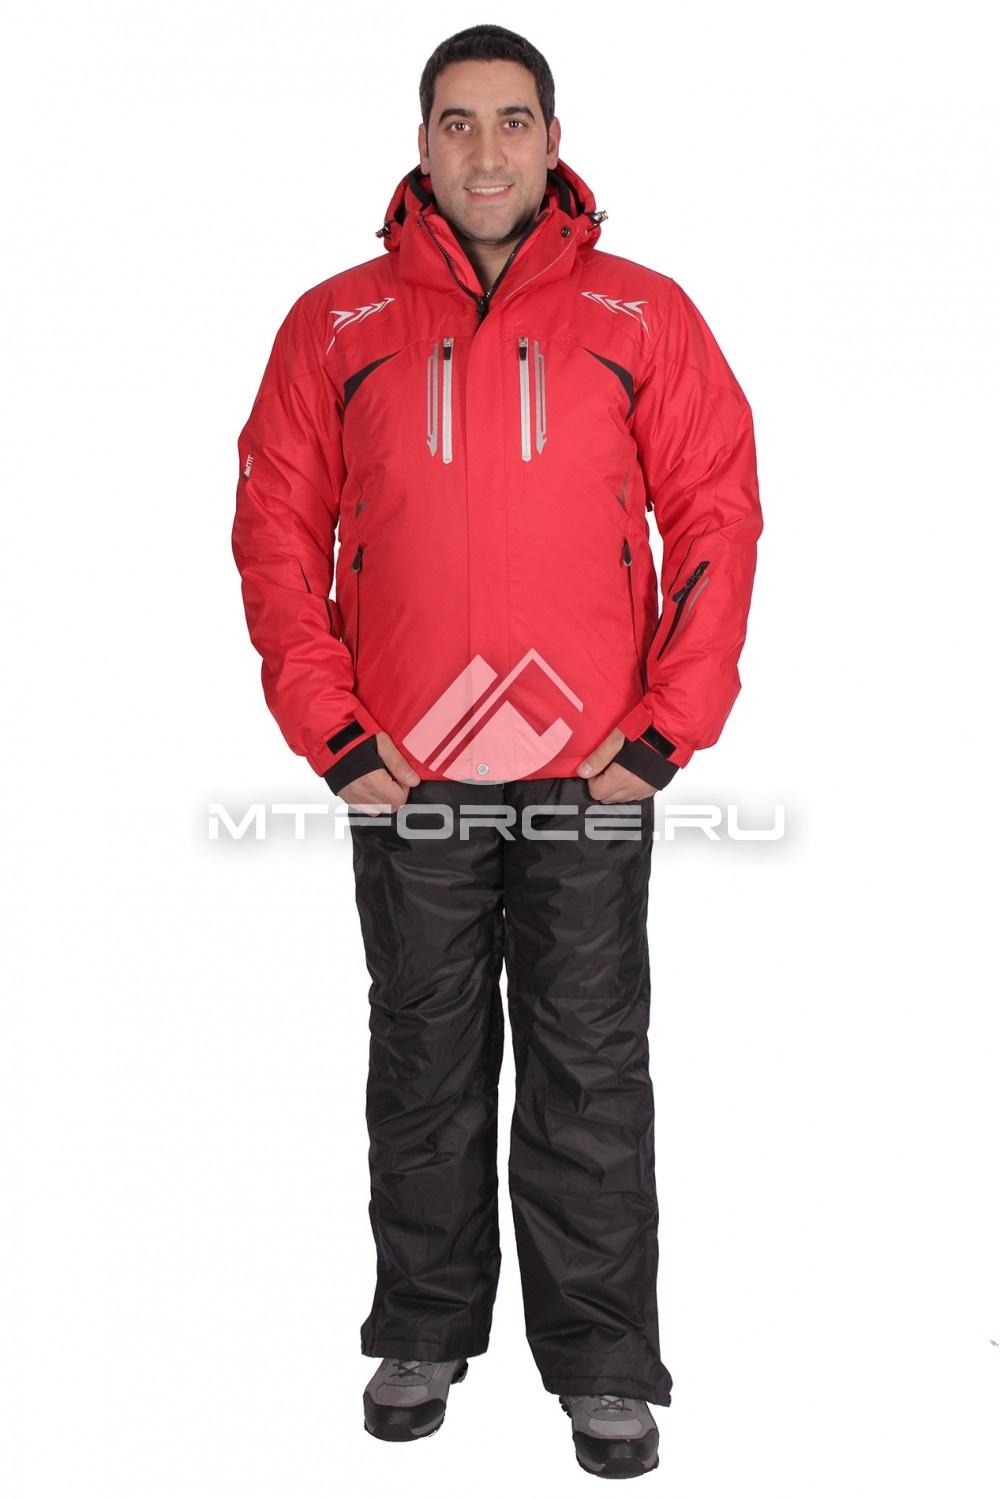 Купить                                  оптом Костюм горнолыжный мужской красного цвета 01515Kr